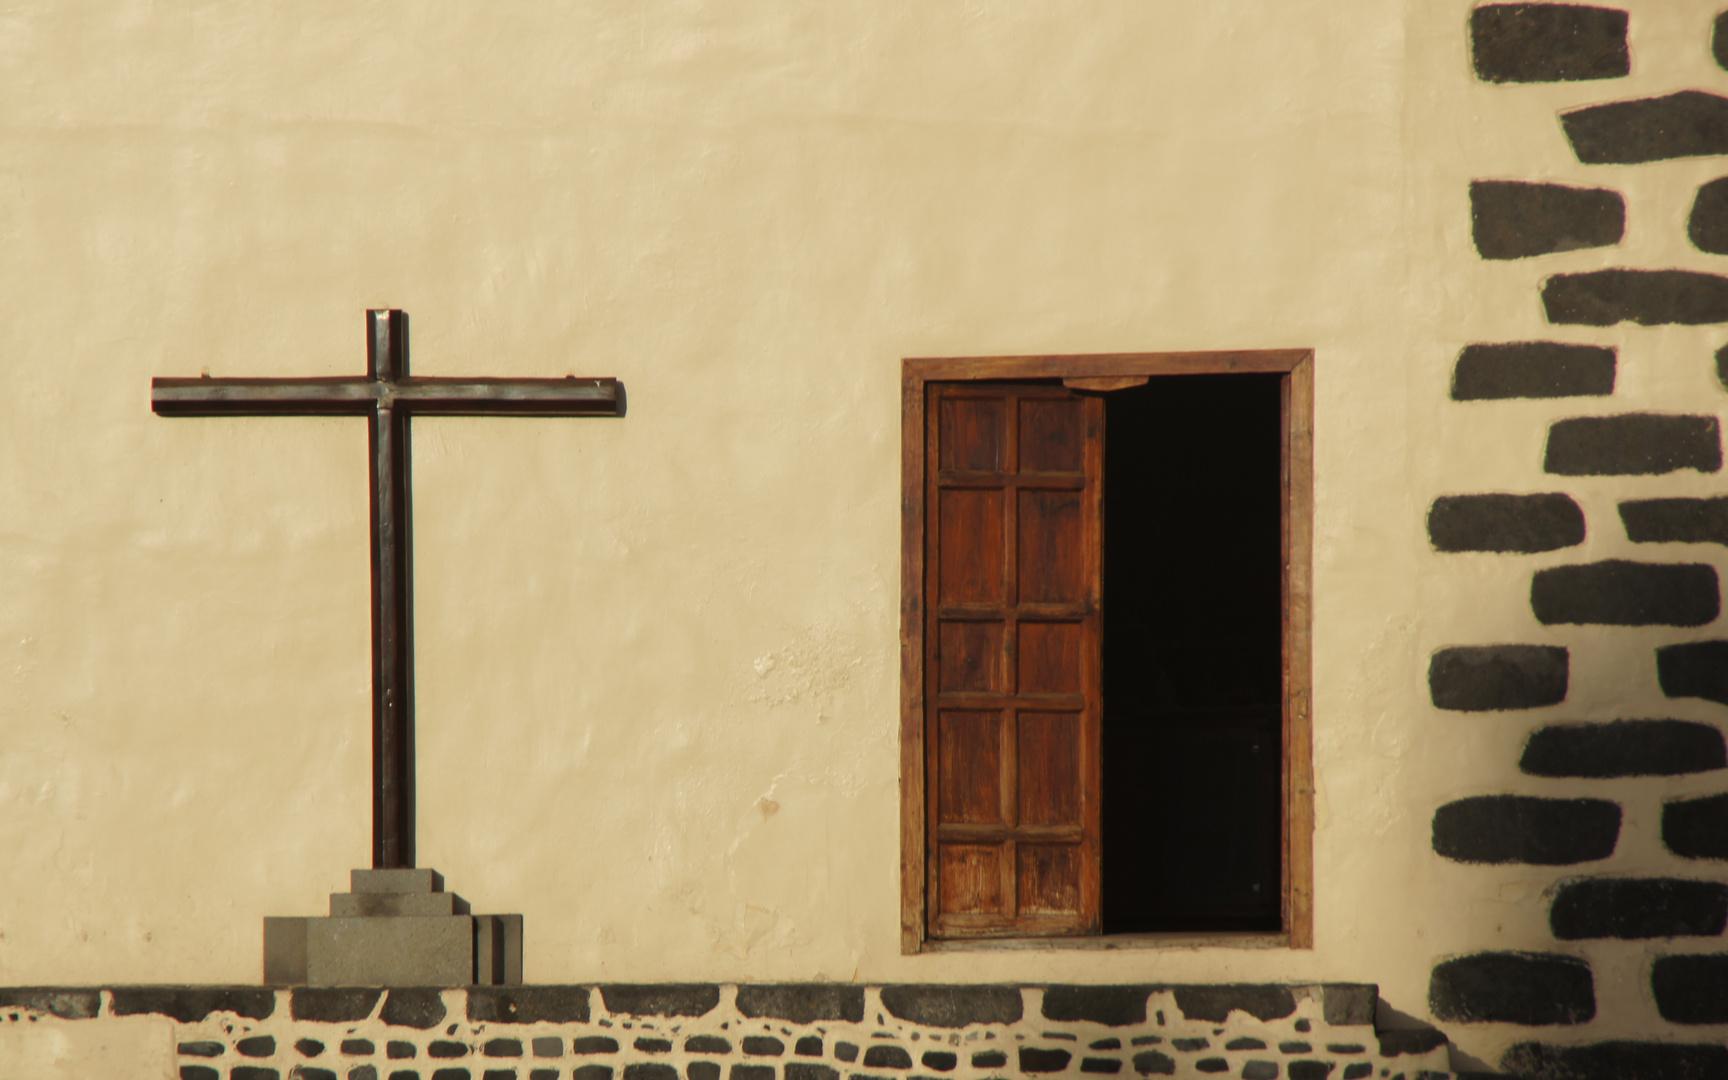 Puerto De La Cruz - Der Hafen des Kreuzes